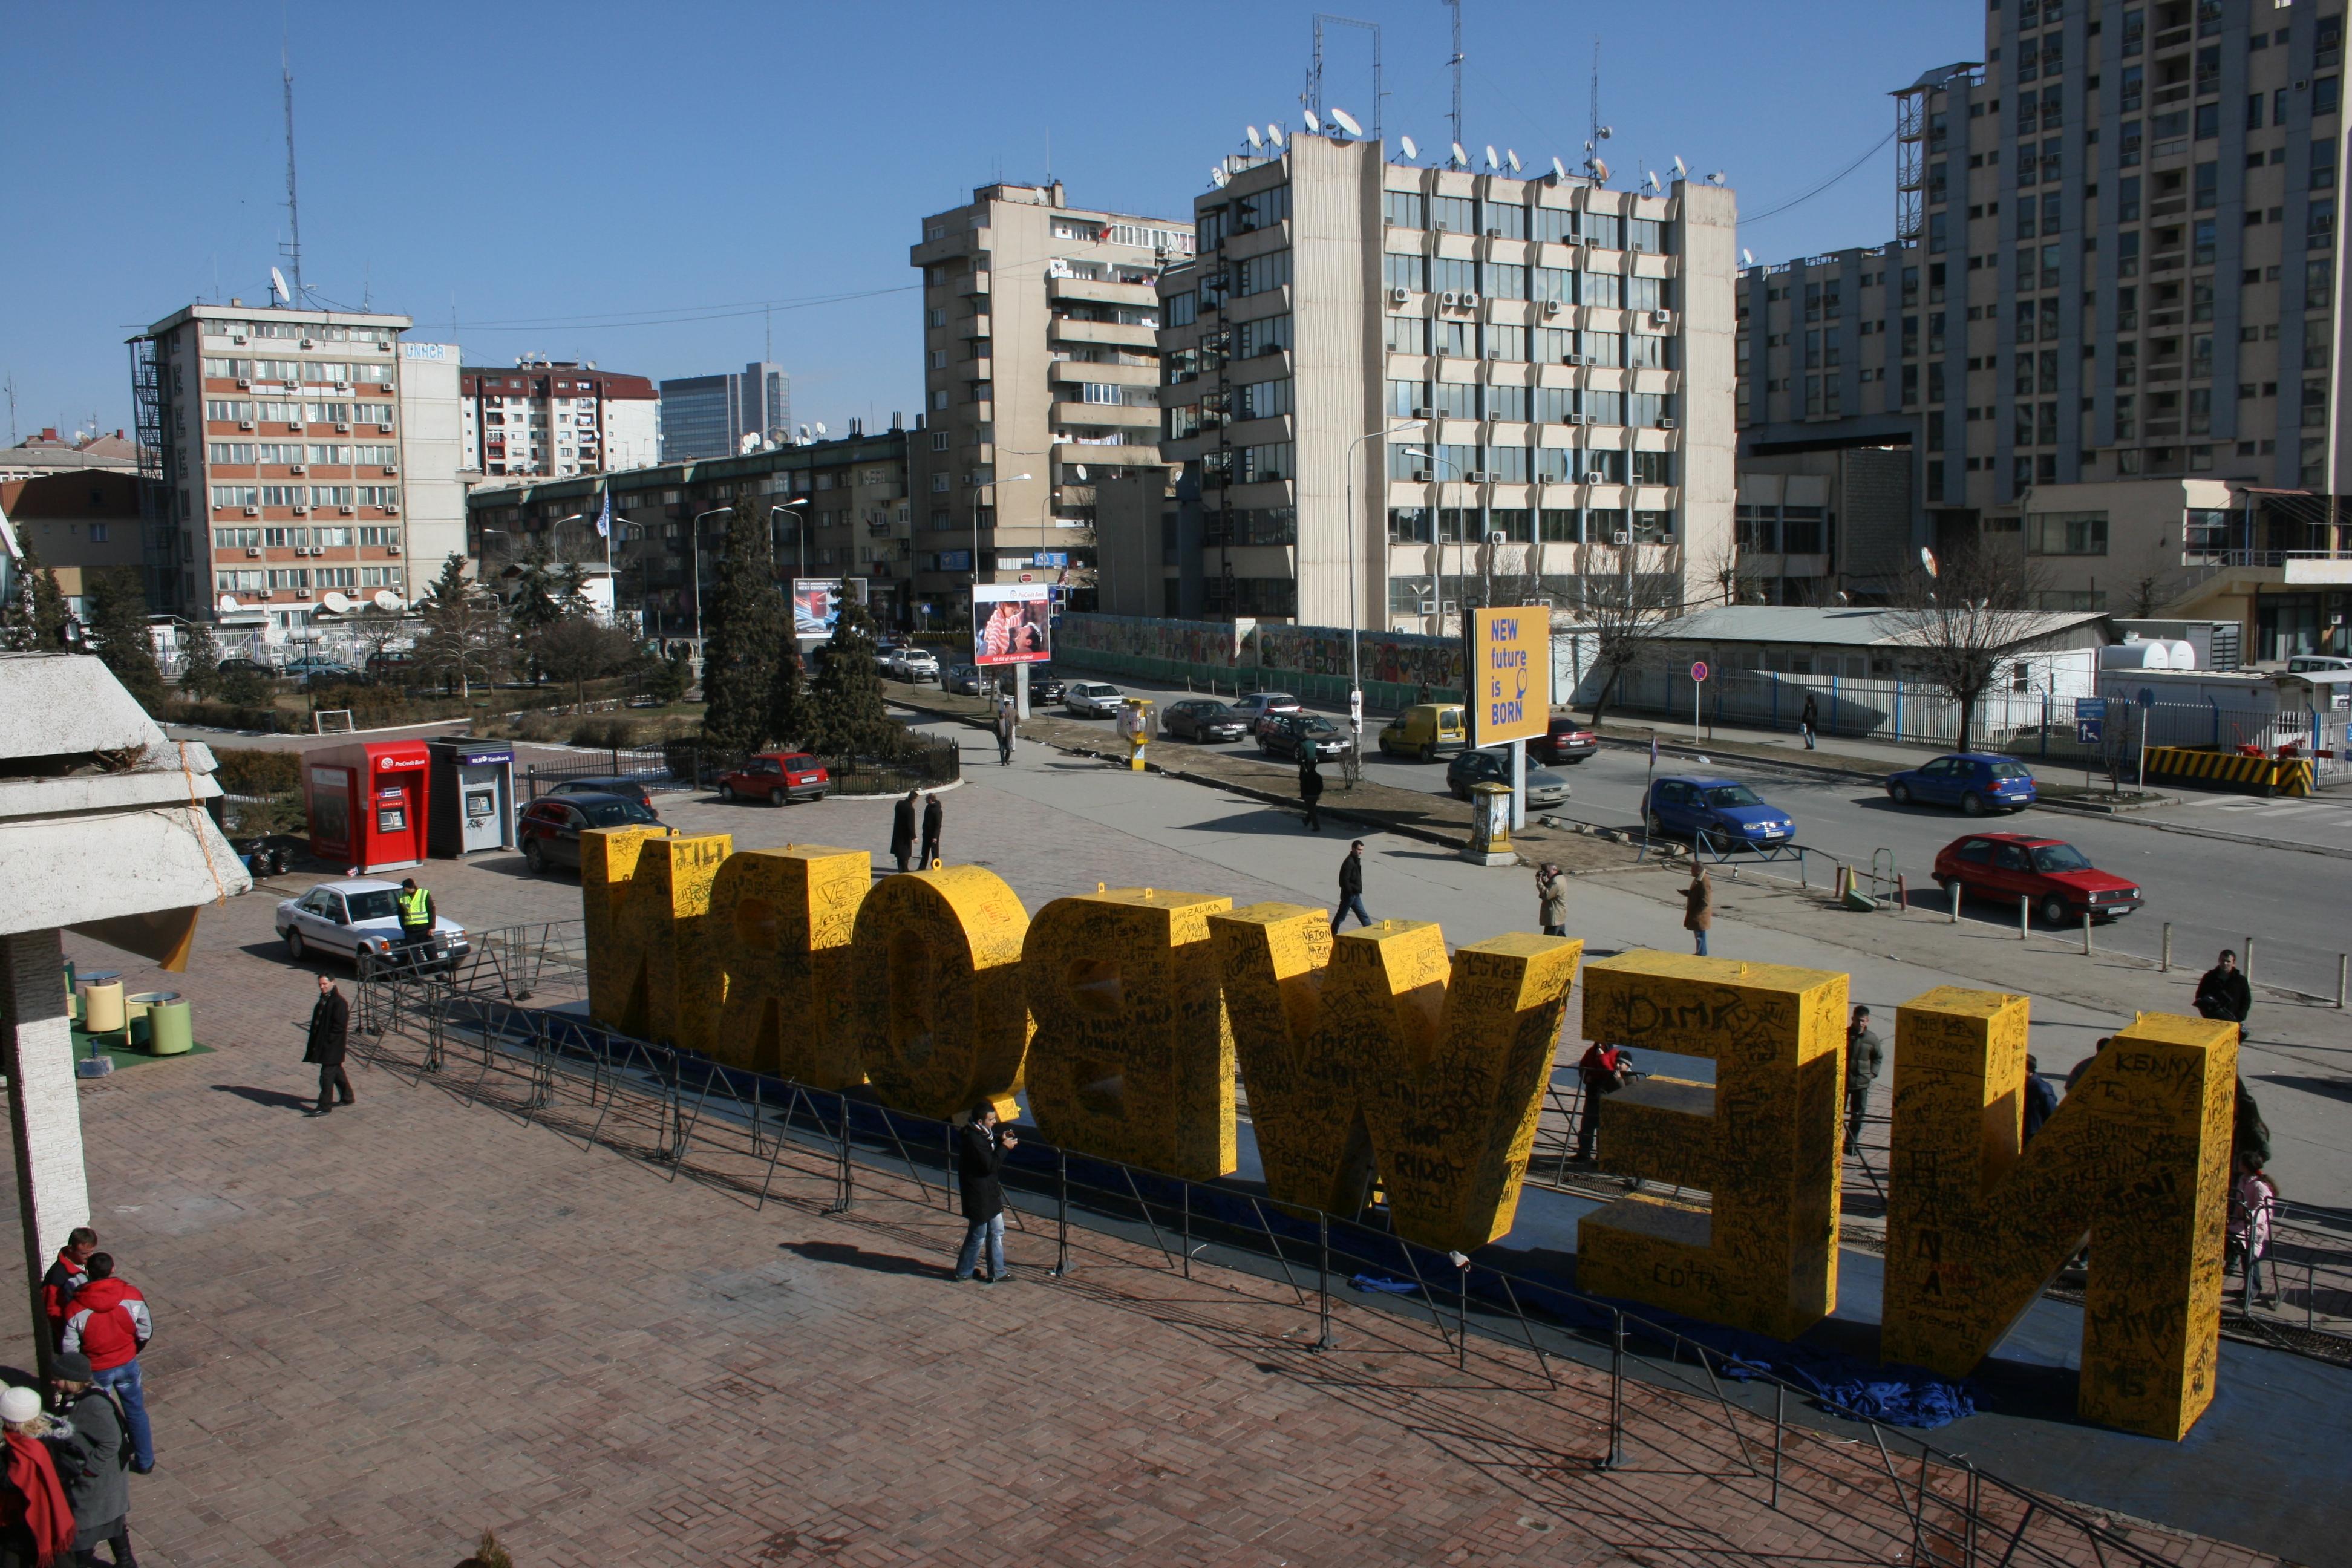 The scenic landscape of Pristina